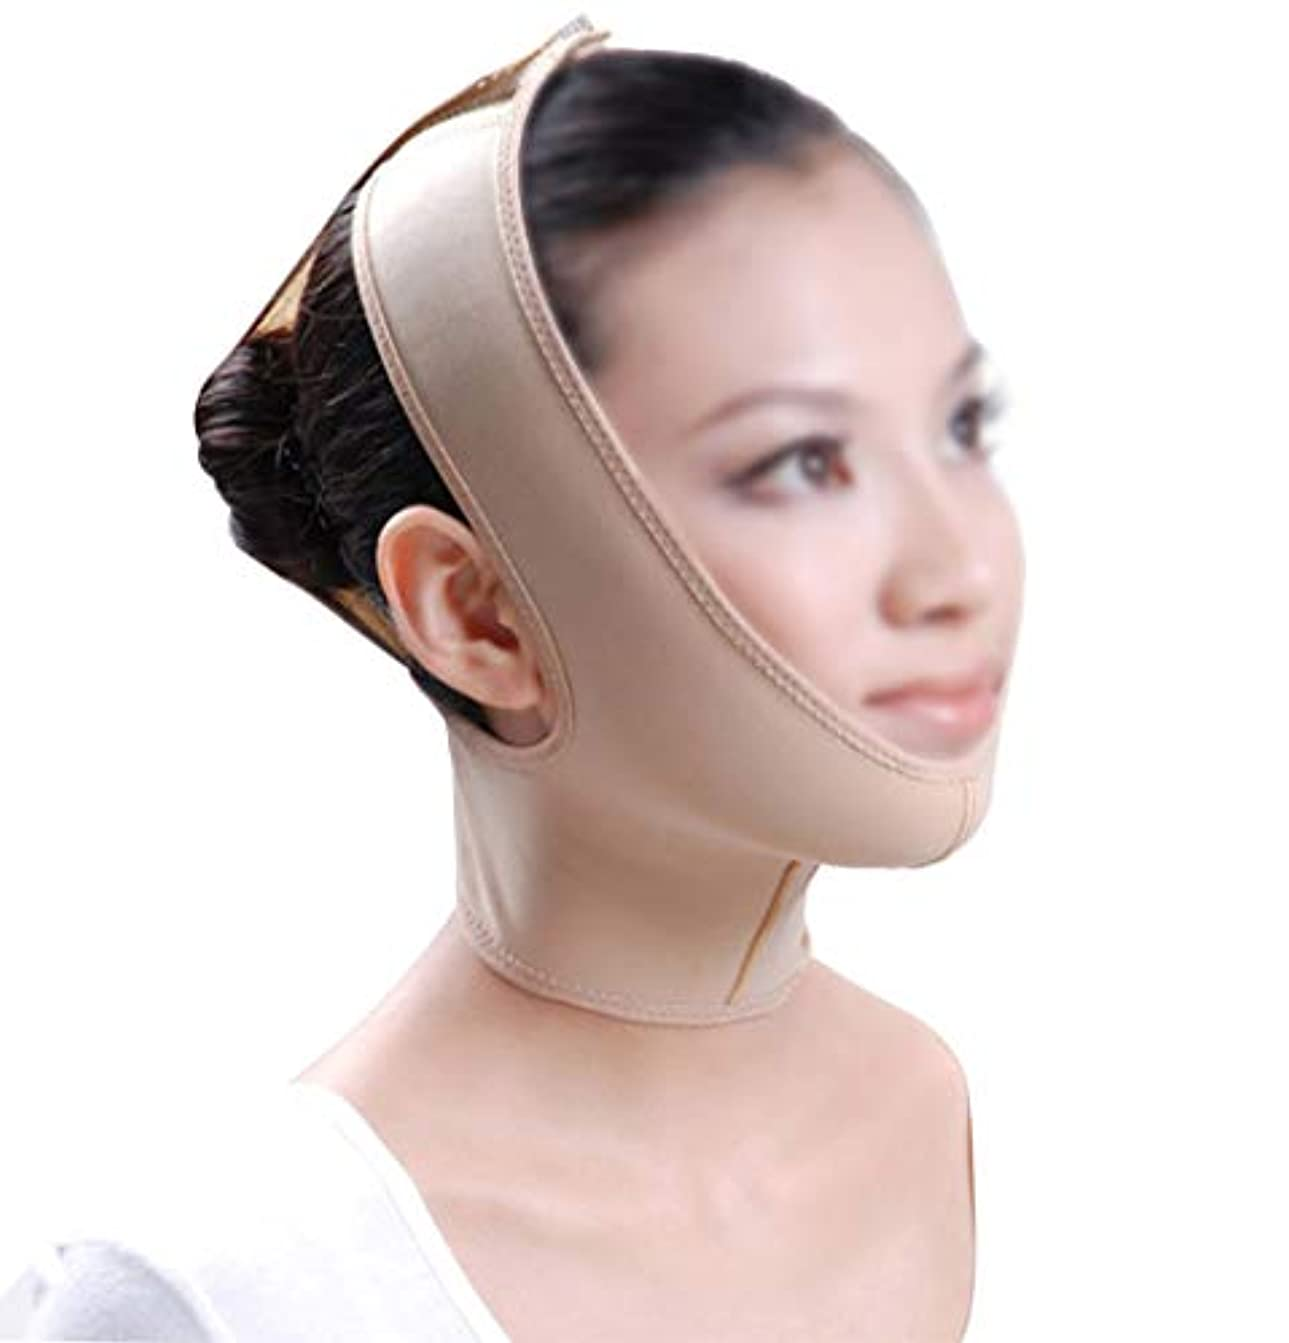 識別国際記録GLJJQMY 引き締めマスクマスク強力なフェイスリフティングリハビリ弾性フェイスリフティング引き締め首あご整形リハビリチンスリーブ 顔用整形マスク (Size : XL)